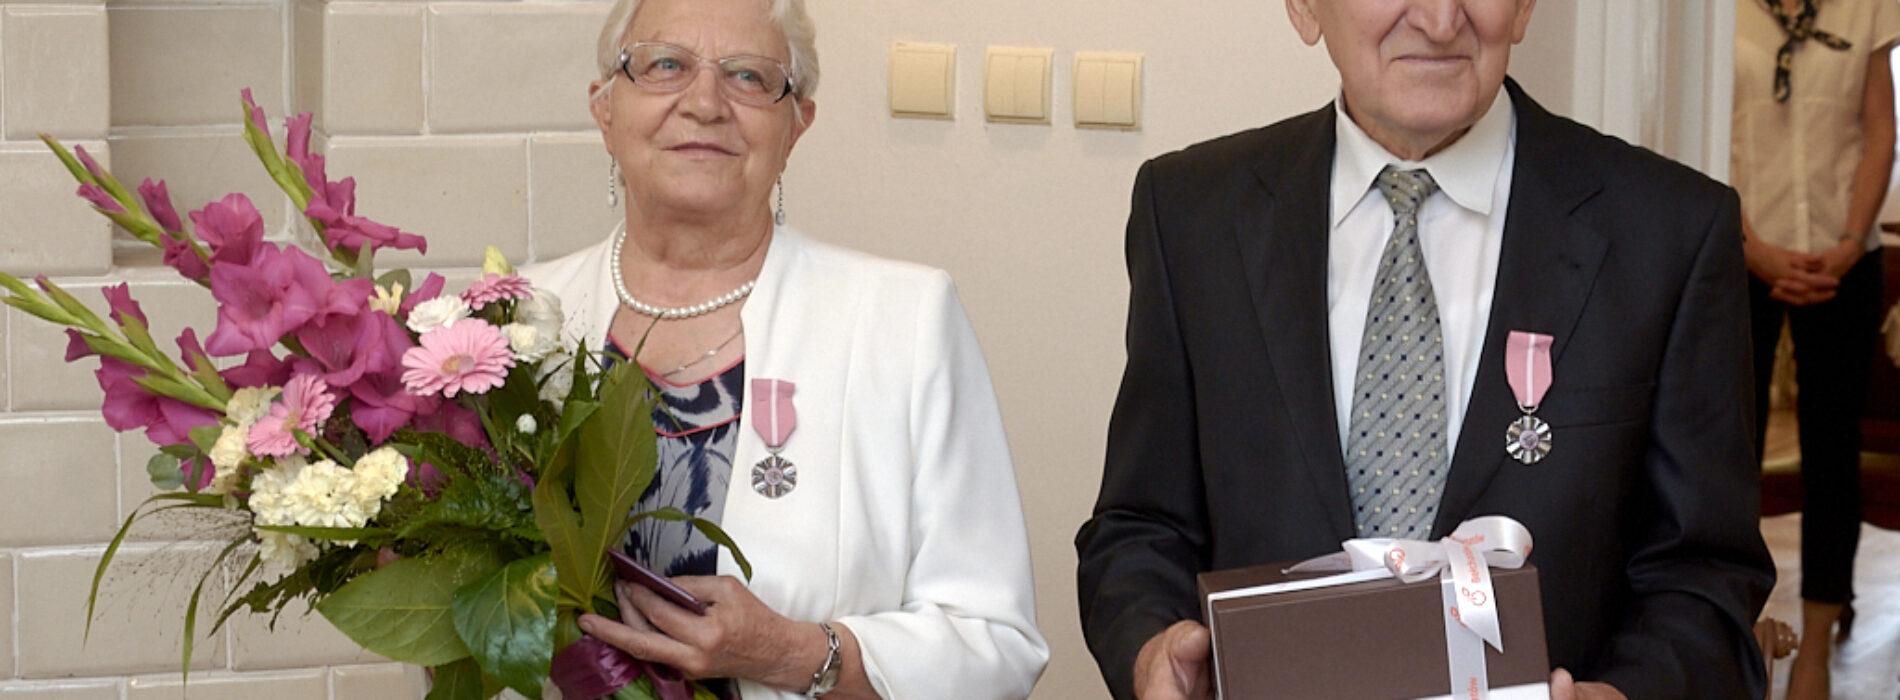 Pół wieku razem – złote gody małżonków